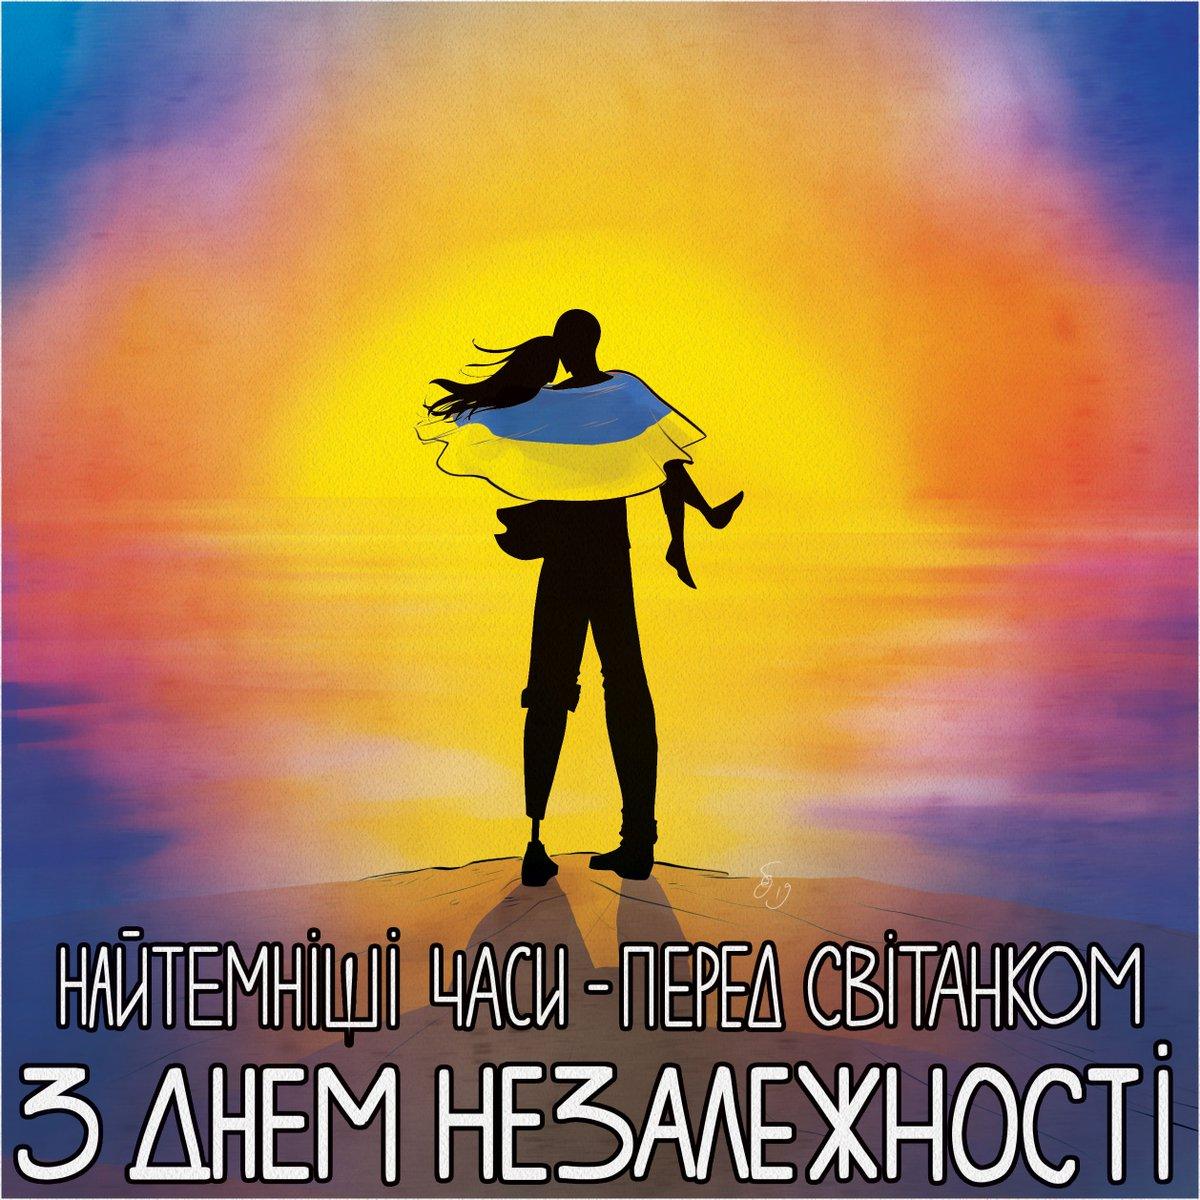 Марш захисників України в Києві завершився - Цензор.НЕТ 4872